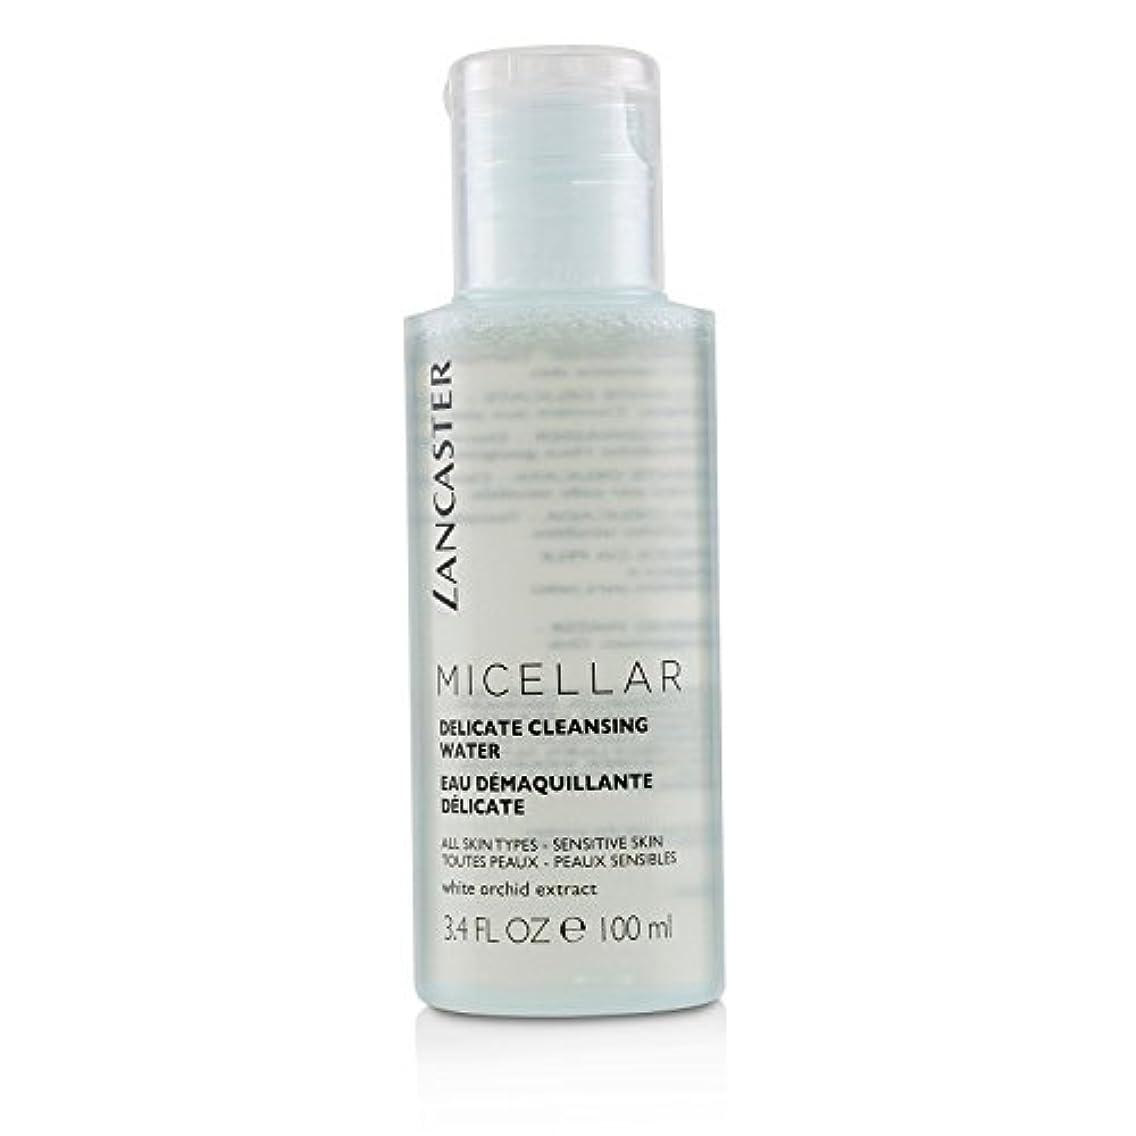 鉛色生物学ランカスター Micellar Delicate Cleansing Water - All Skin Types, Including Sensitive Skin 100ml/3.4oz並行輸入品